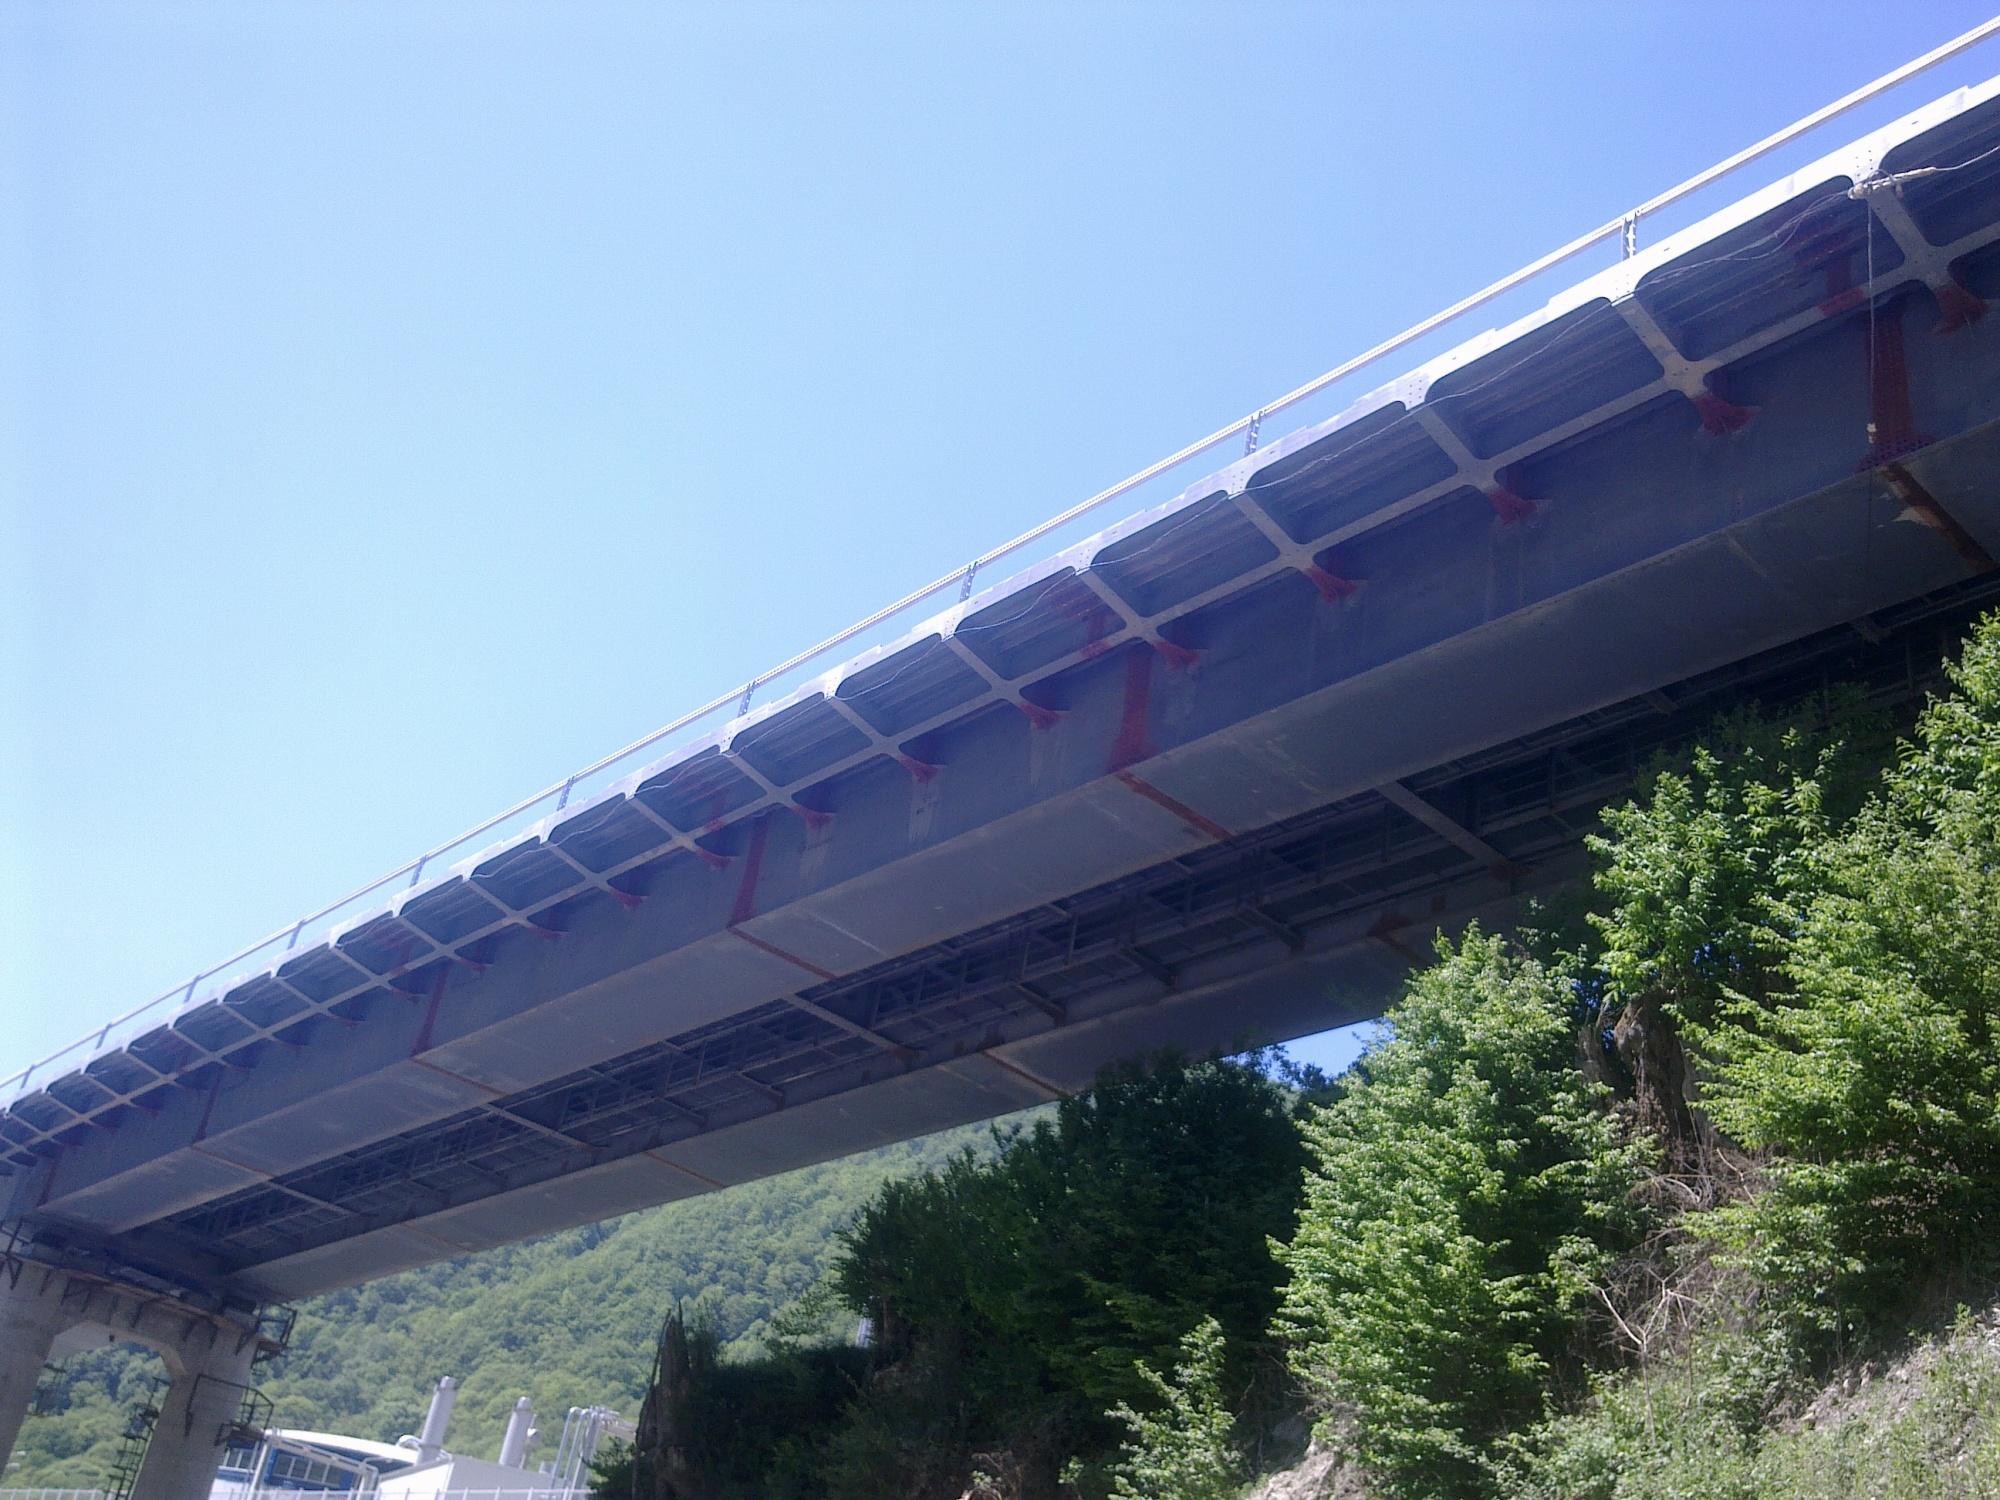 Нанесение металлизационного цинкового покрытия на торцевой лист металлоконструкций пролетных строений автодорожного моста Адлер - Горно-климатический курорт Альпика сервис. Площадь работ 2335м2.